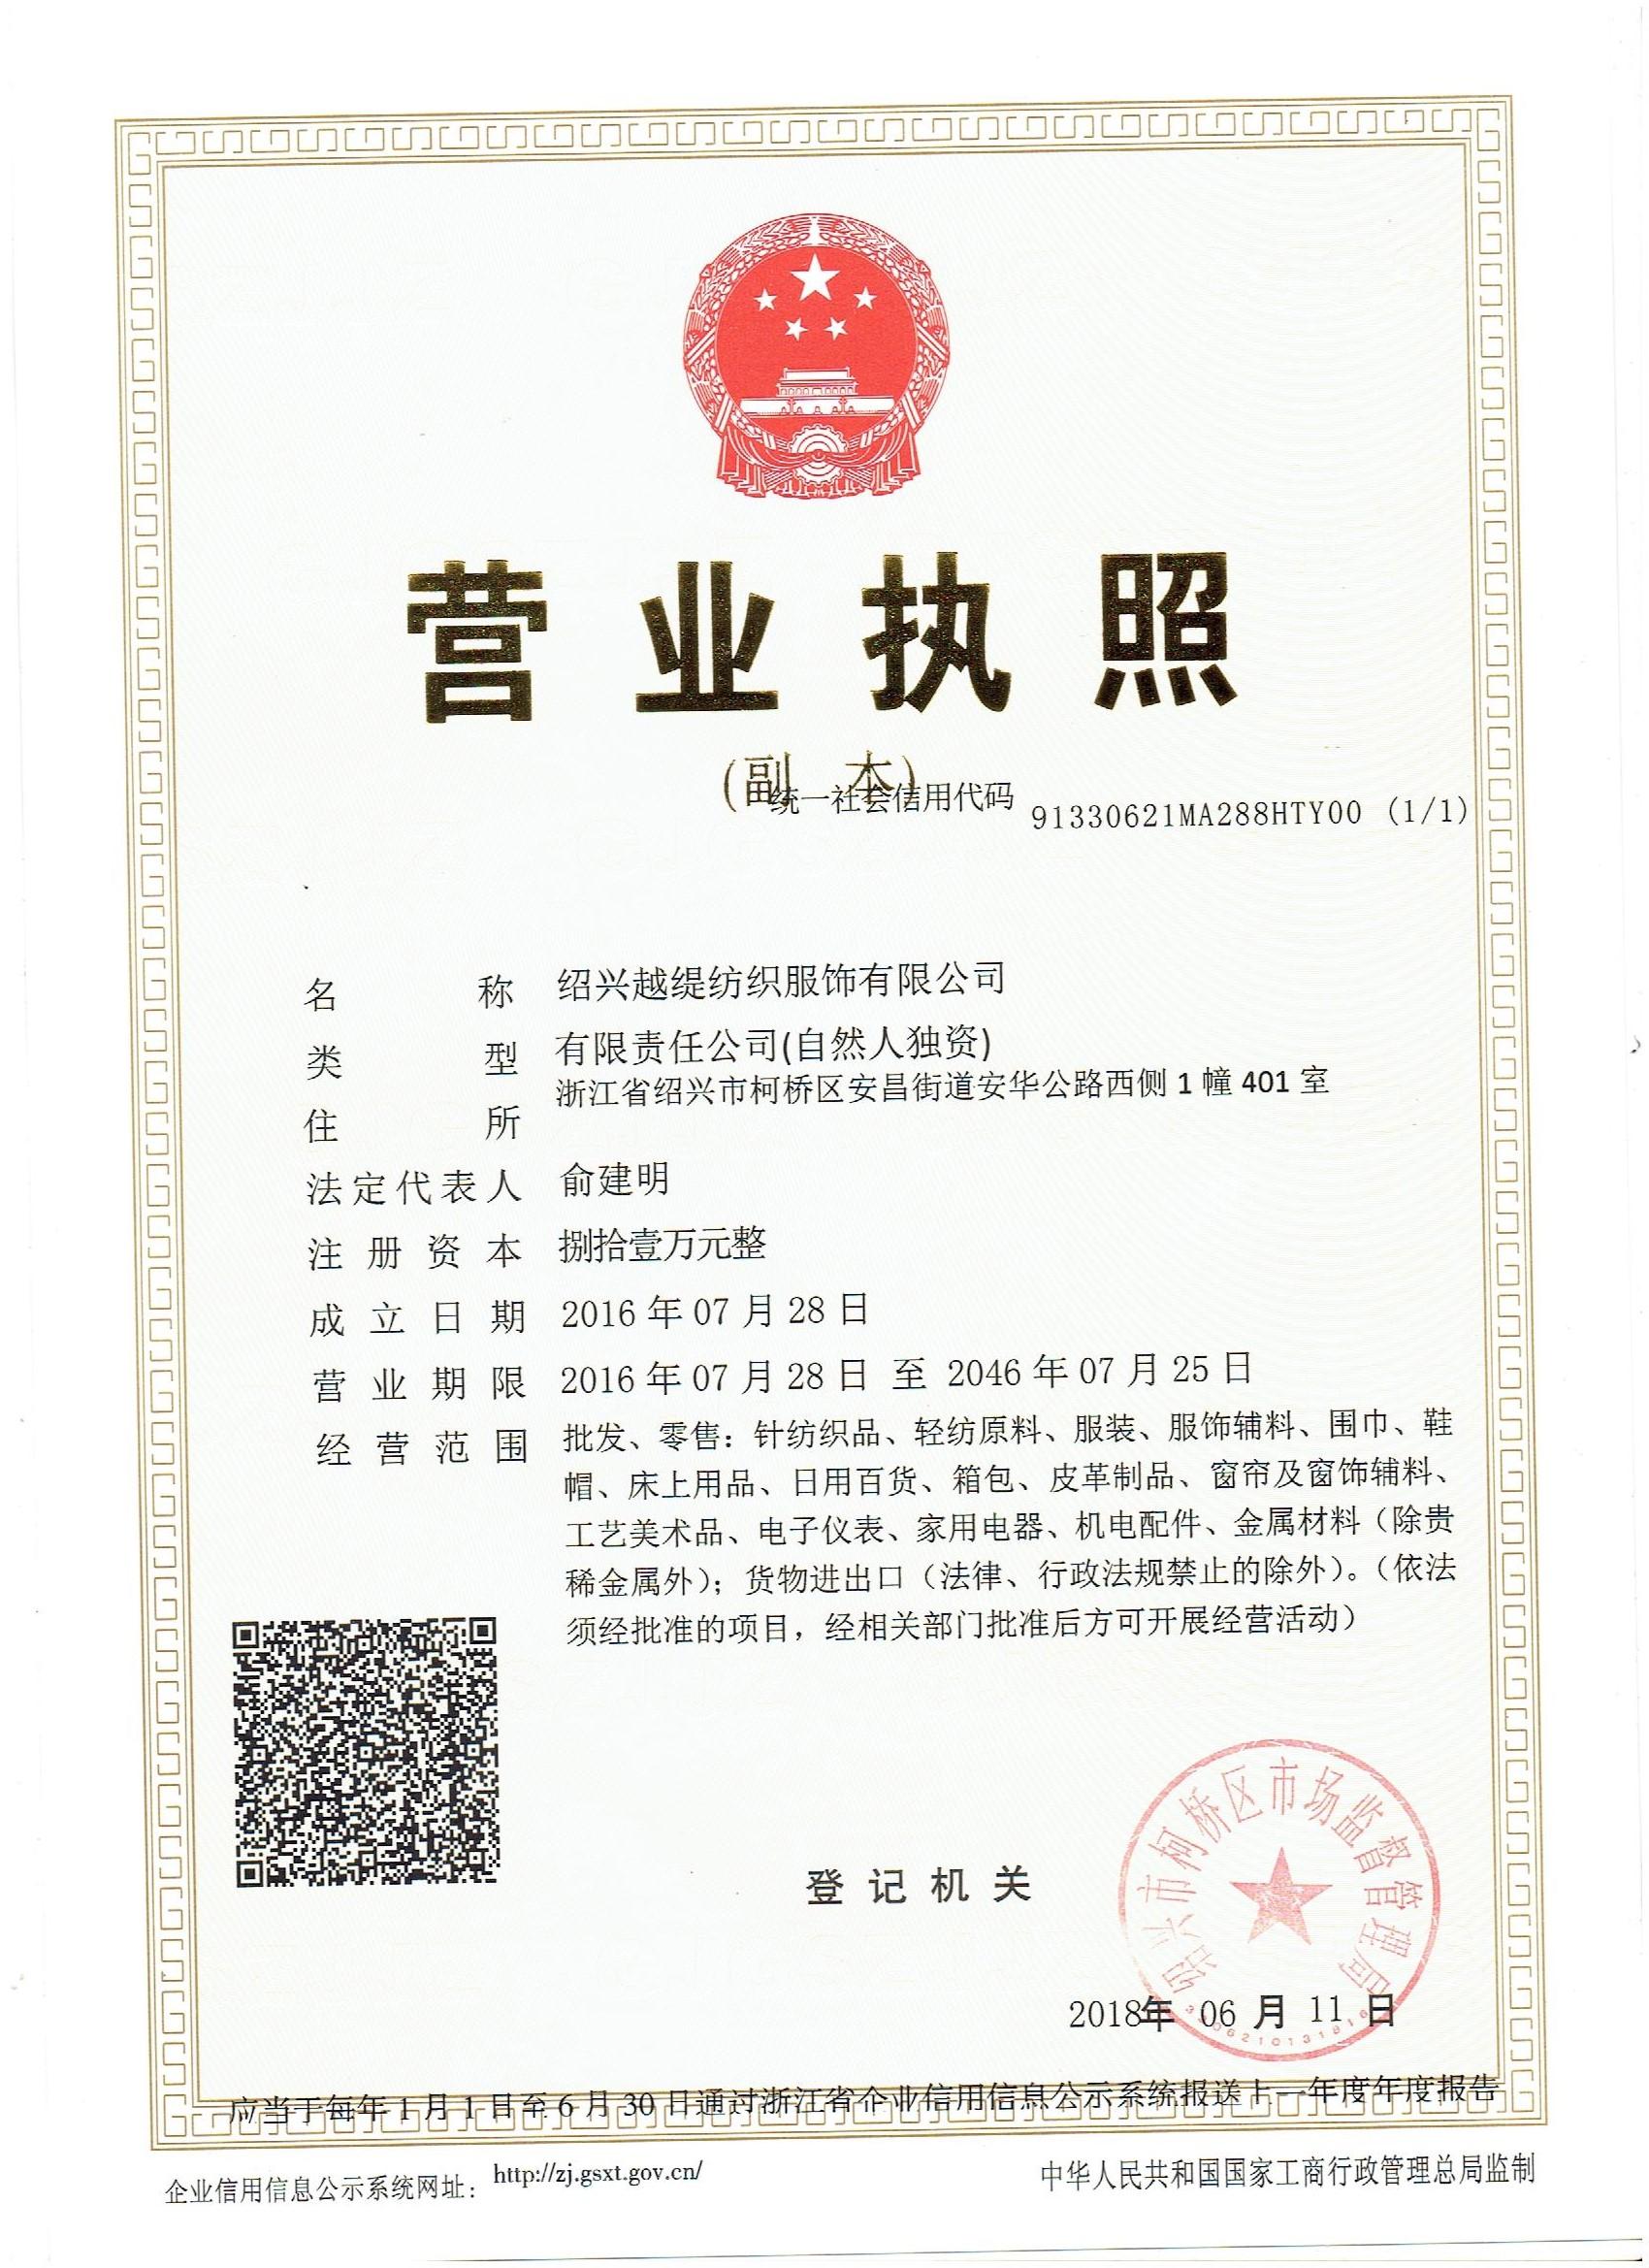 绍兴越缇纺织服饰有限公司企业档案